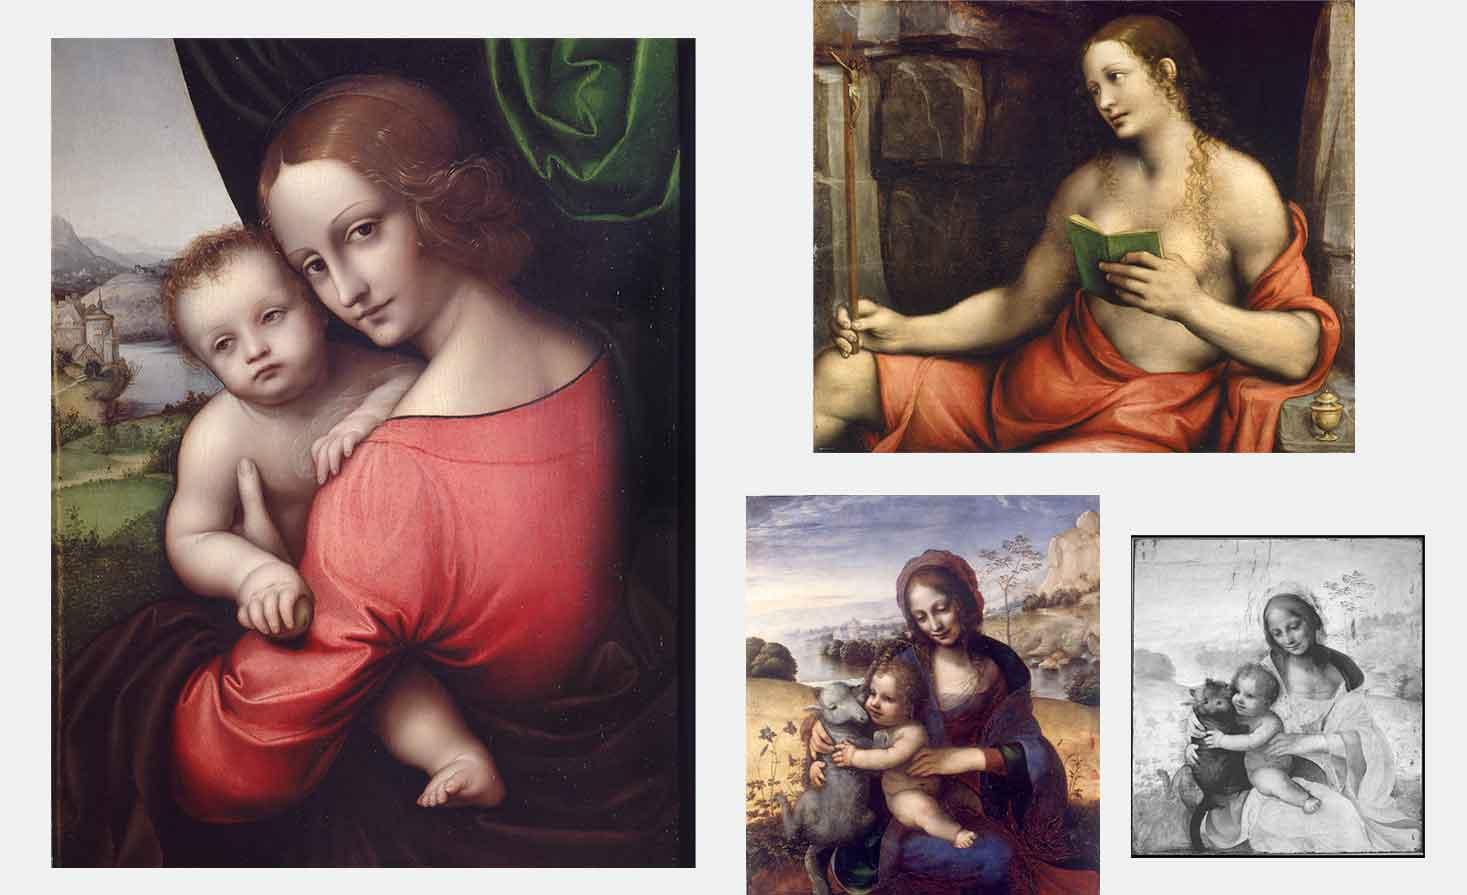 A sinistra, Madonna con il Bambino (Madonna della mela), Giampietrino (Gian Pietro Rizzoli), 1525 c.a. (Pinacoteca di Brera, Sala XII); a destra in alto, Maddalena penitente giovane Giovan Pietro Rizzoli detto Giampietrino 1520 c.a; sotto a destra, Madonna con il Bambino e l'agnellino, Pittore leonardesco, 1502-1505 (Pinacoteca di Brera, Sala XI); sotto, Madonna con il Bambino e l'agnellino (riflettografia IR)